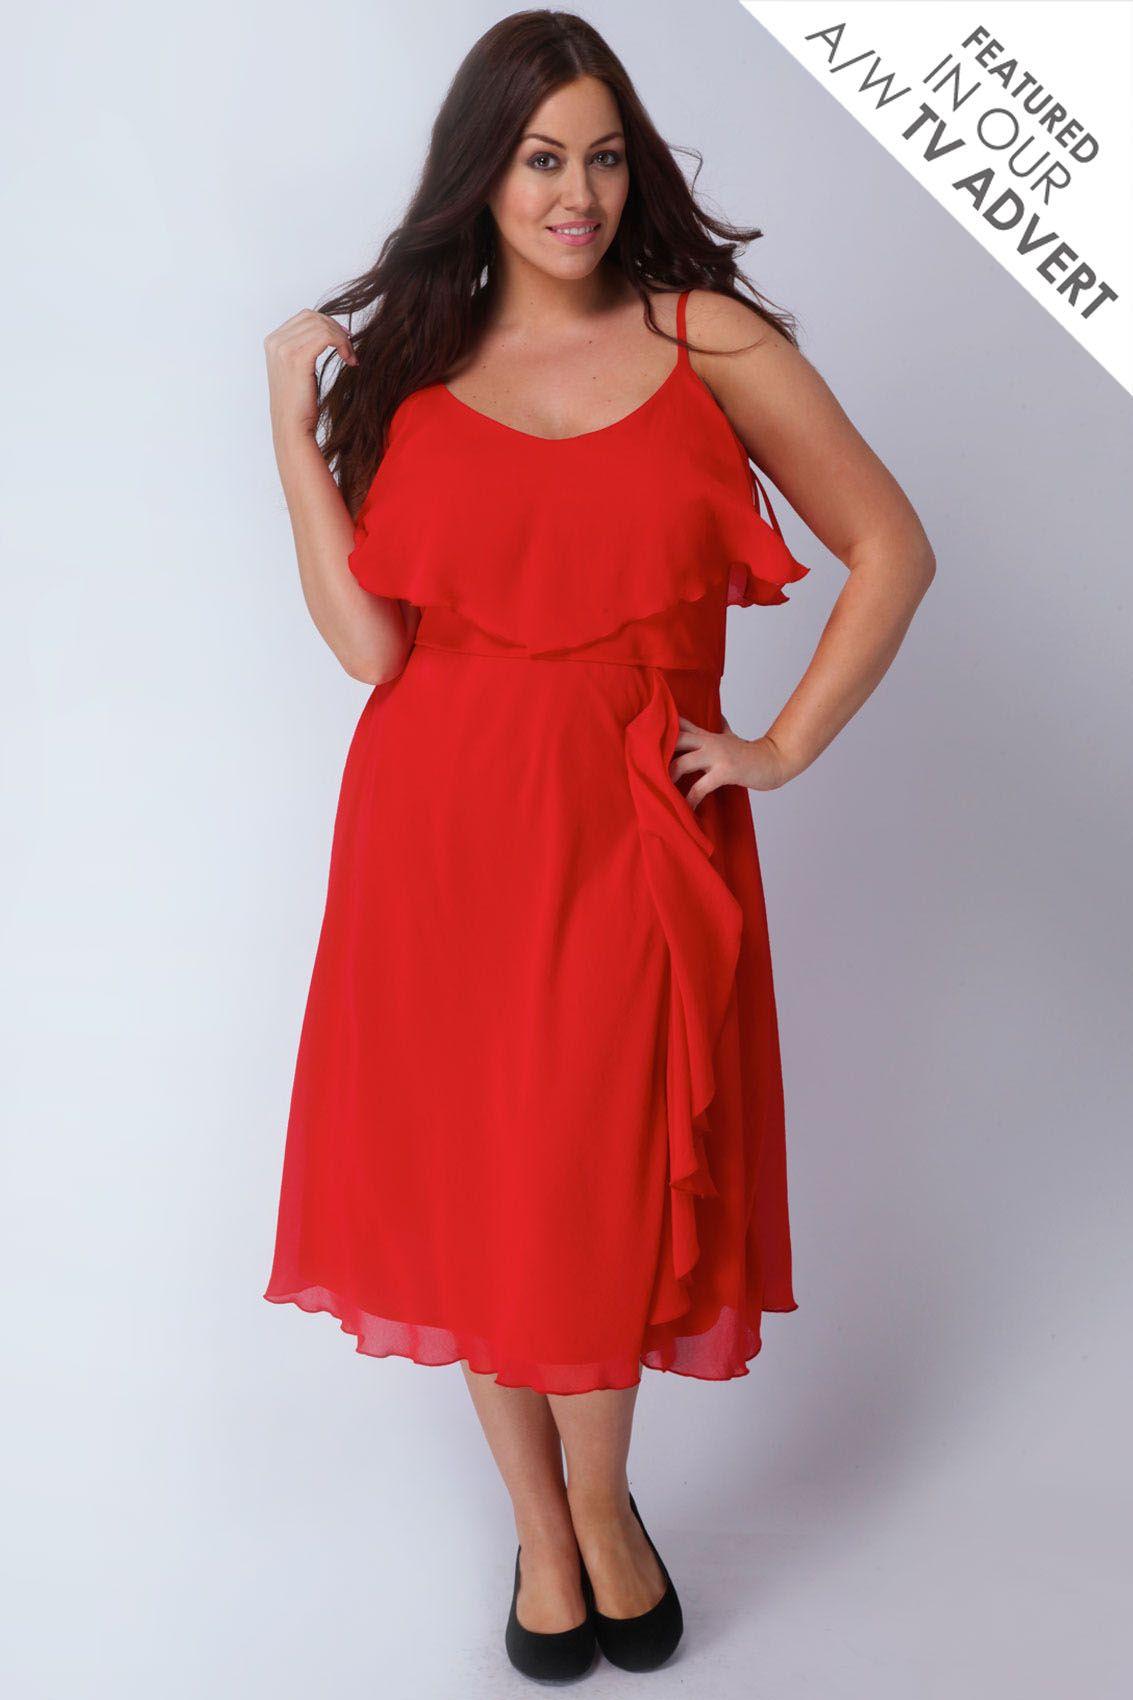 Vintage Clothing Plus Size Women | 077a5c0b-bfff-47ad-b219-d50427c5ef1c.jpg